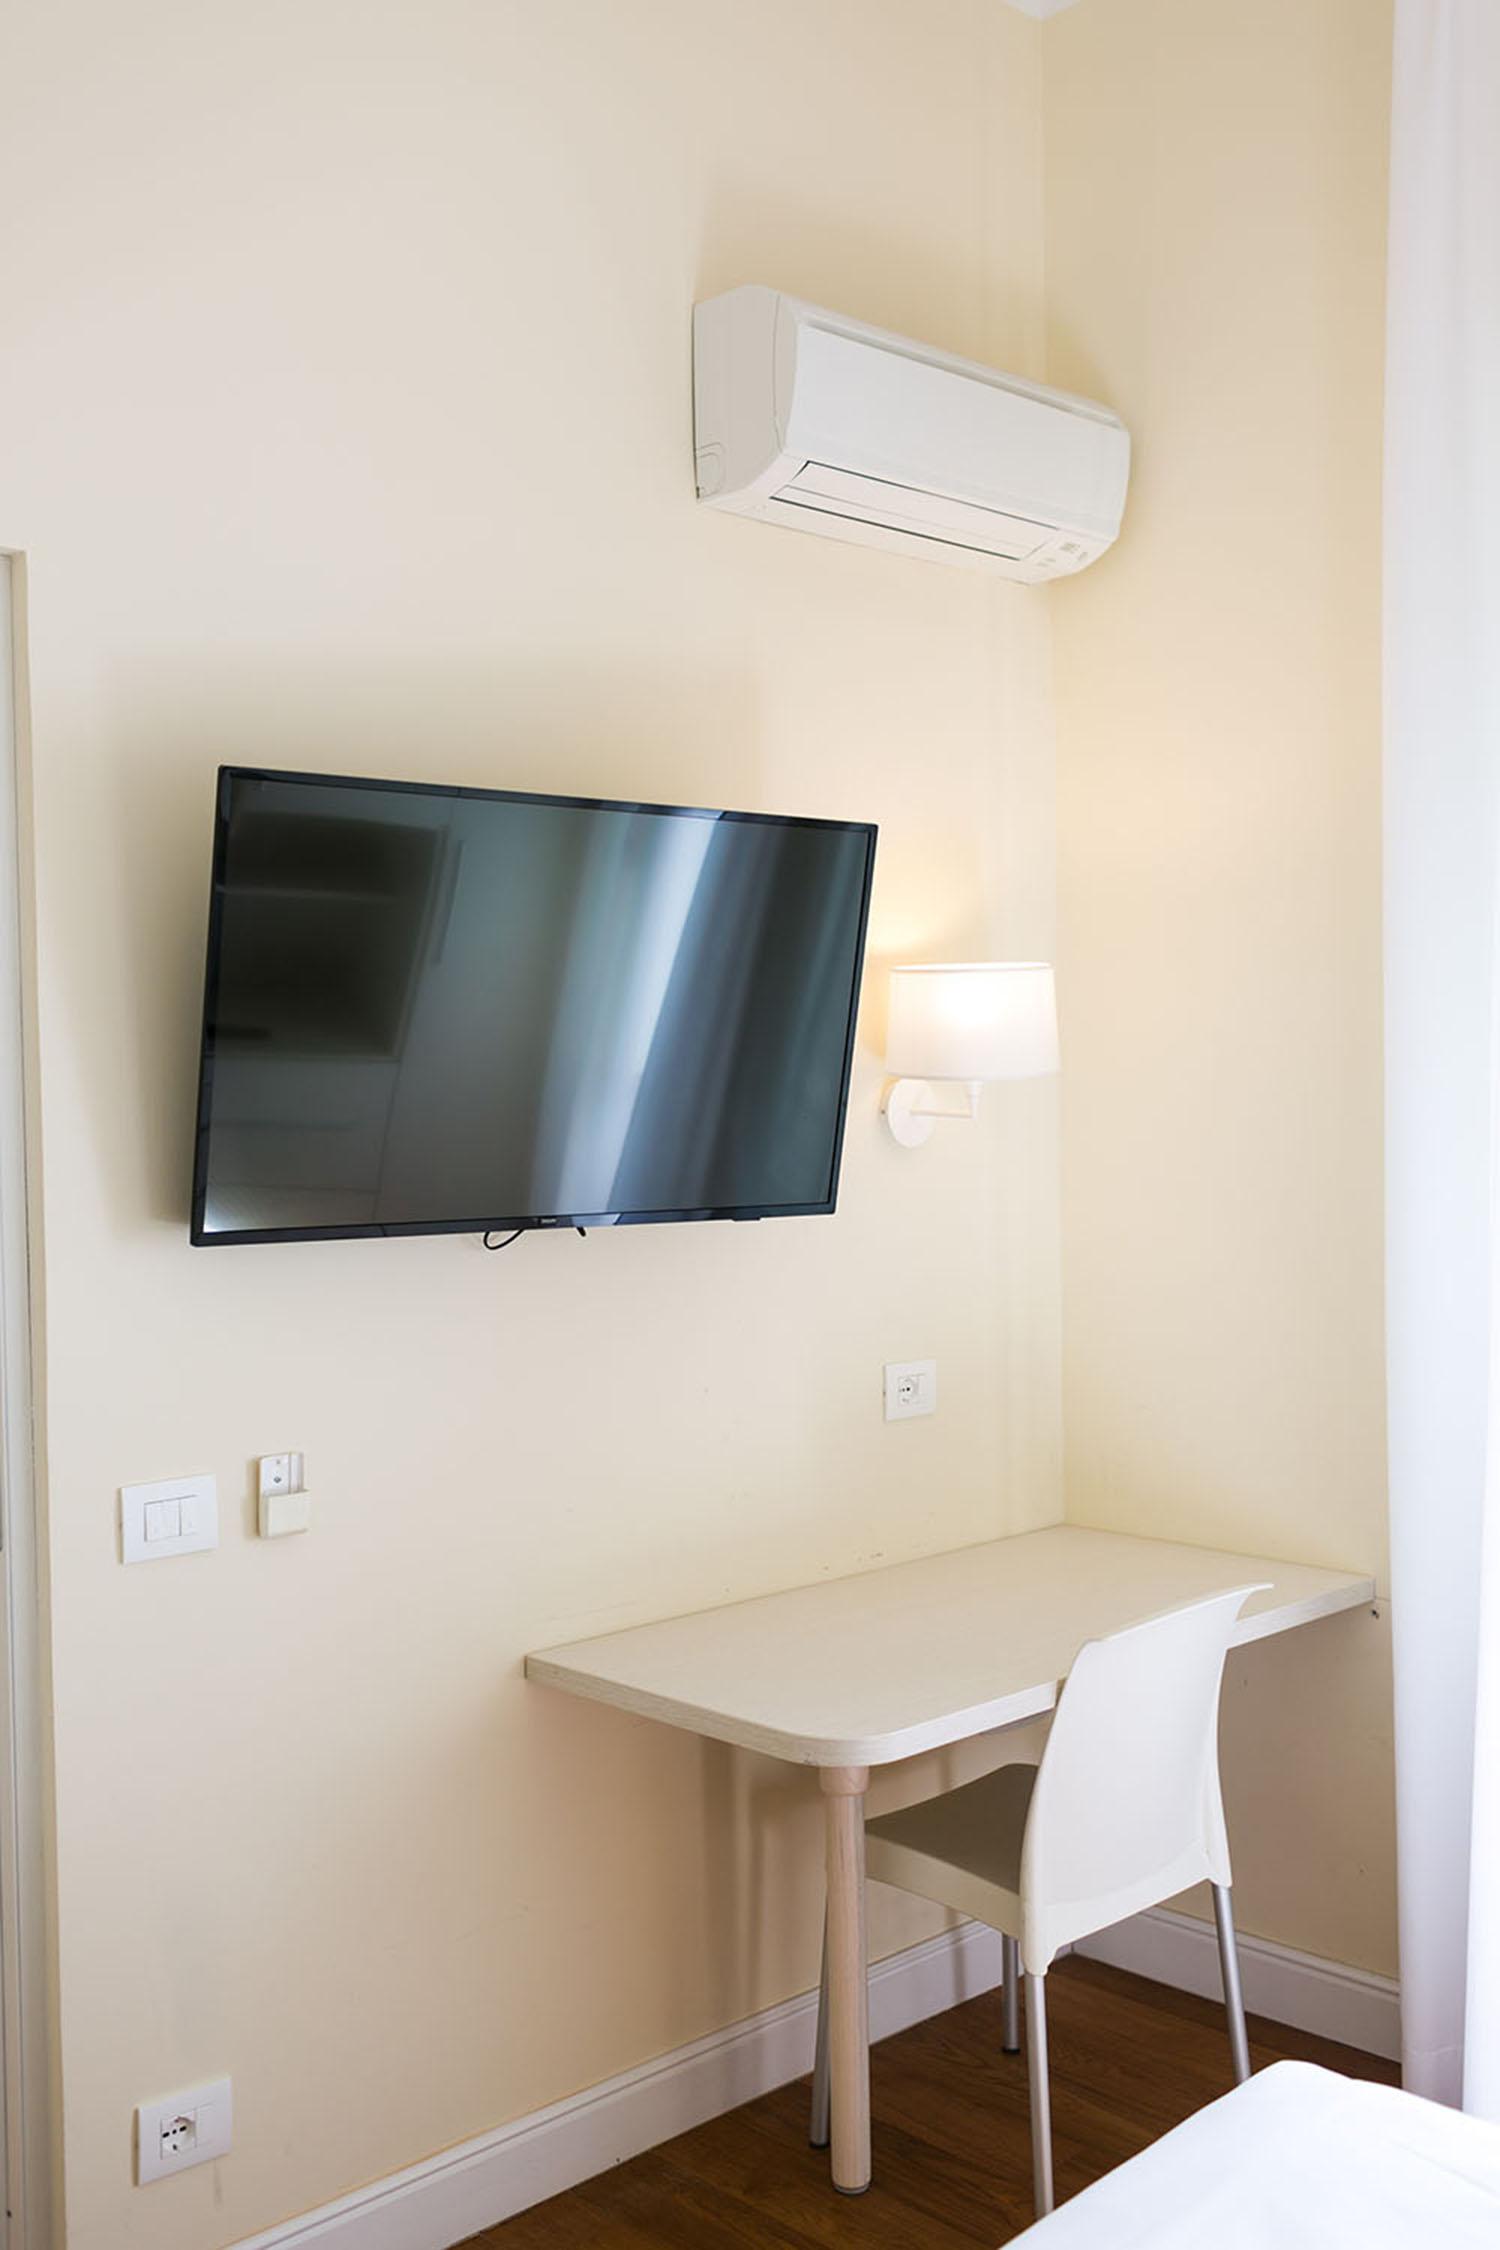 Televisione e aria condizionata